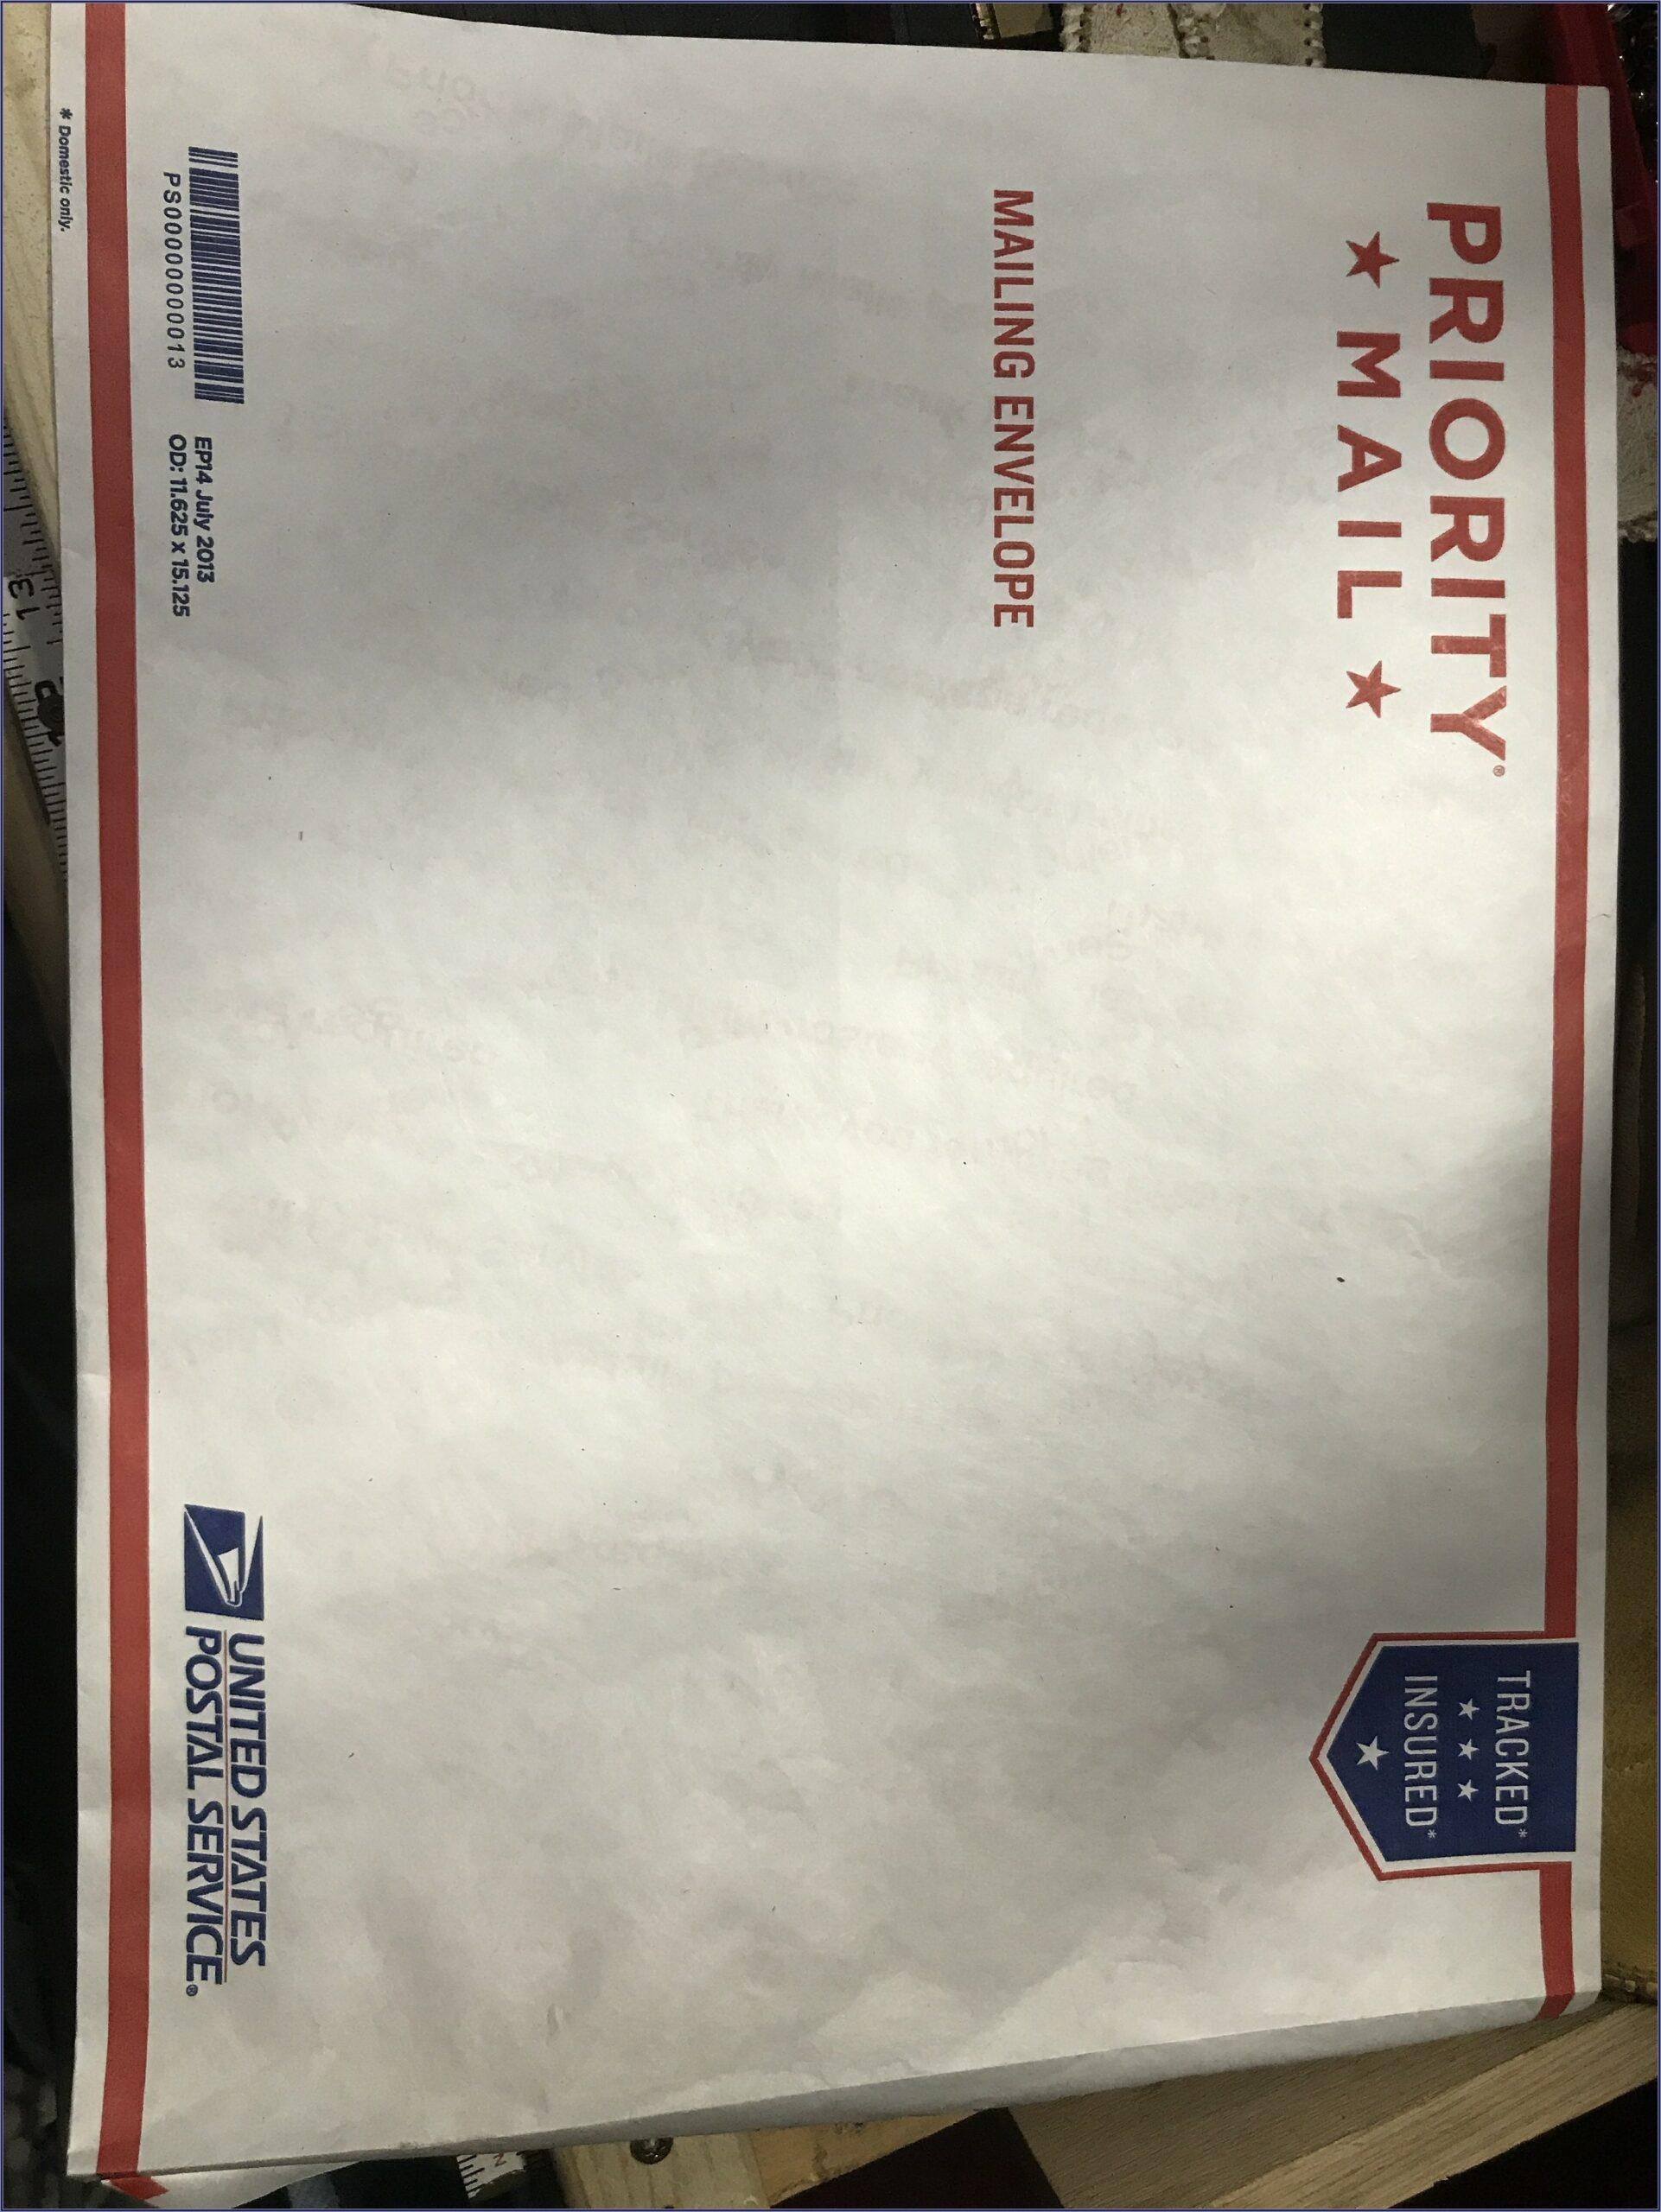 Usps Shipping Envelopes Sizes